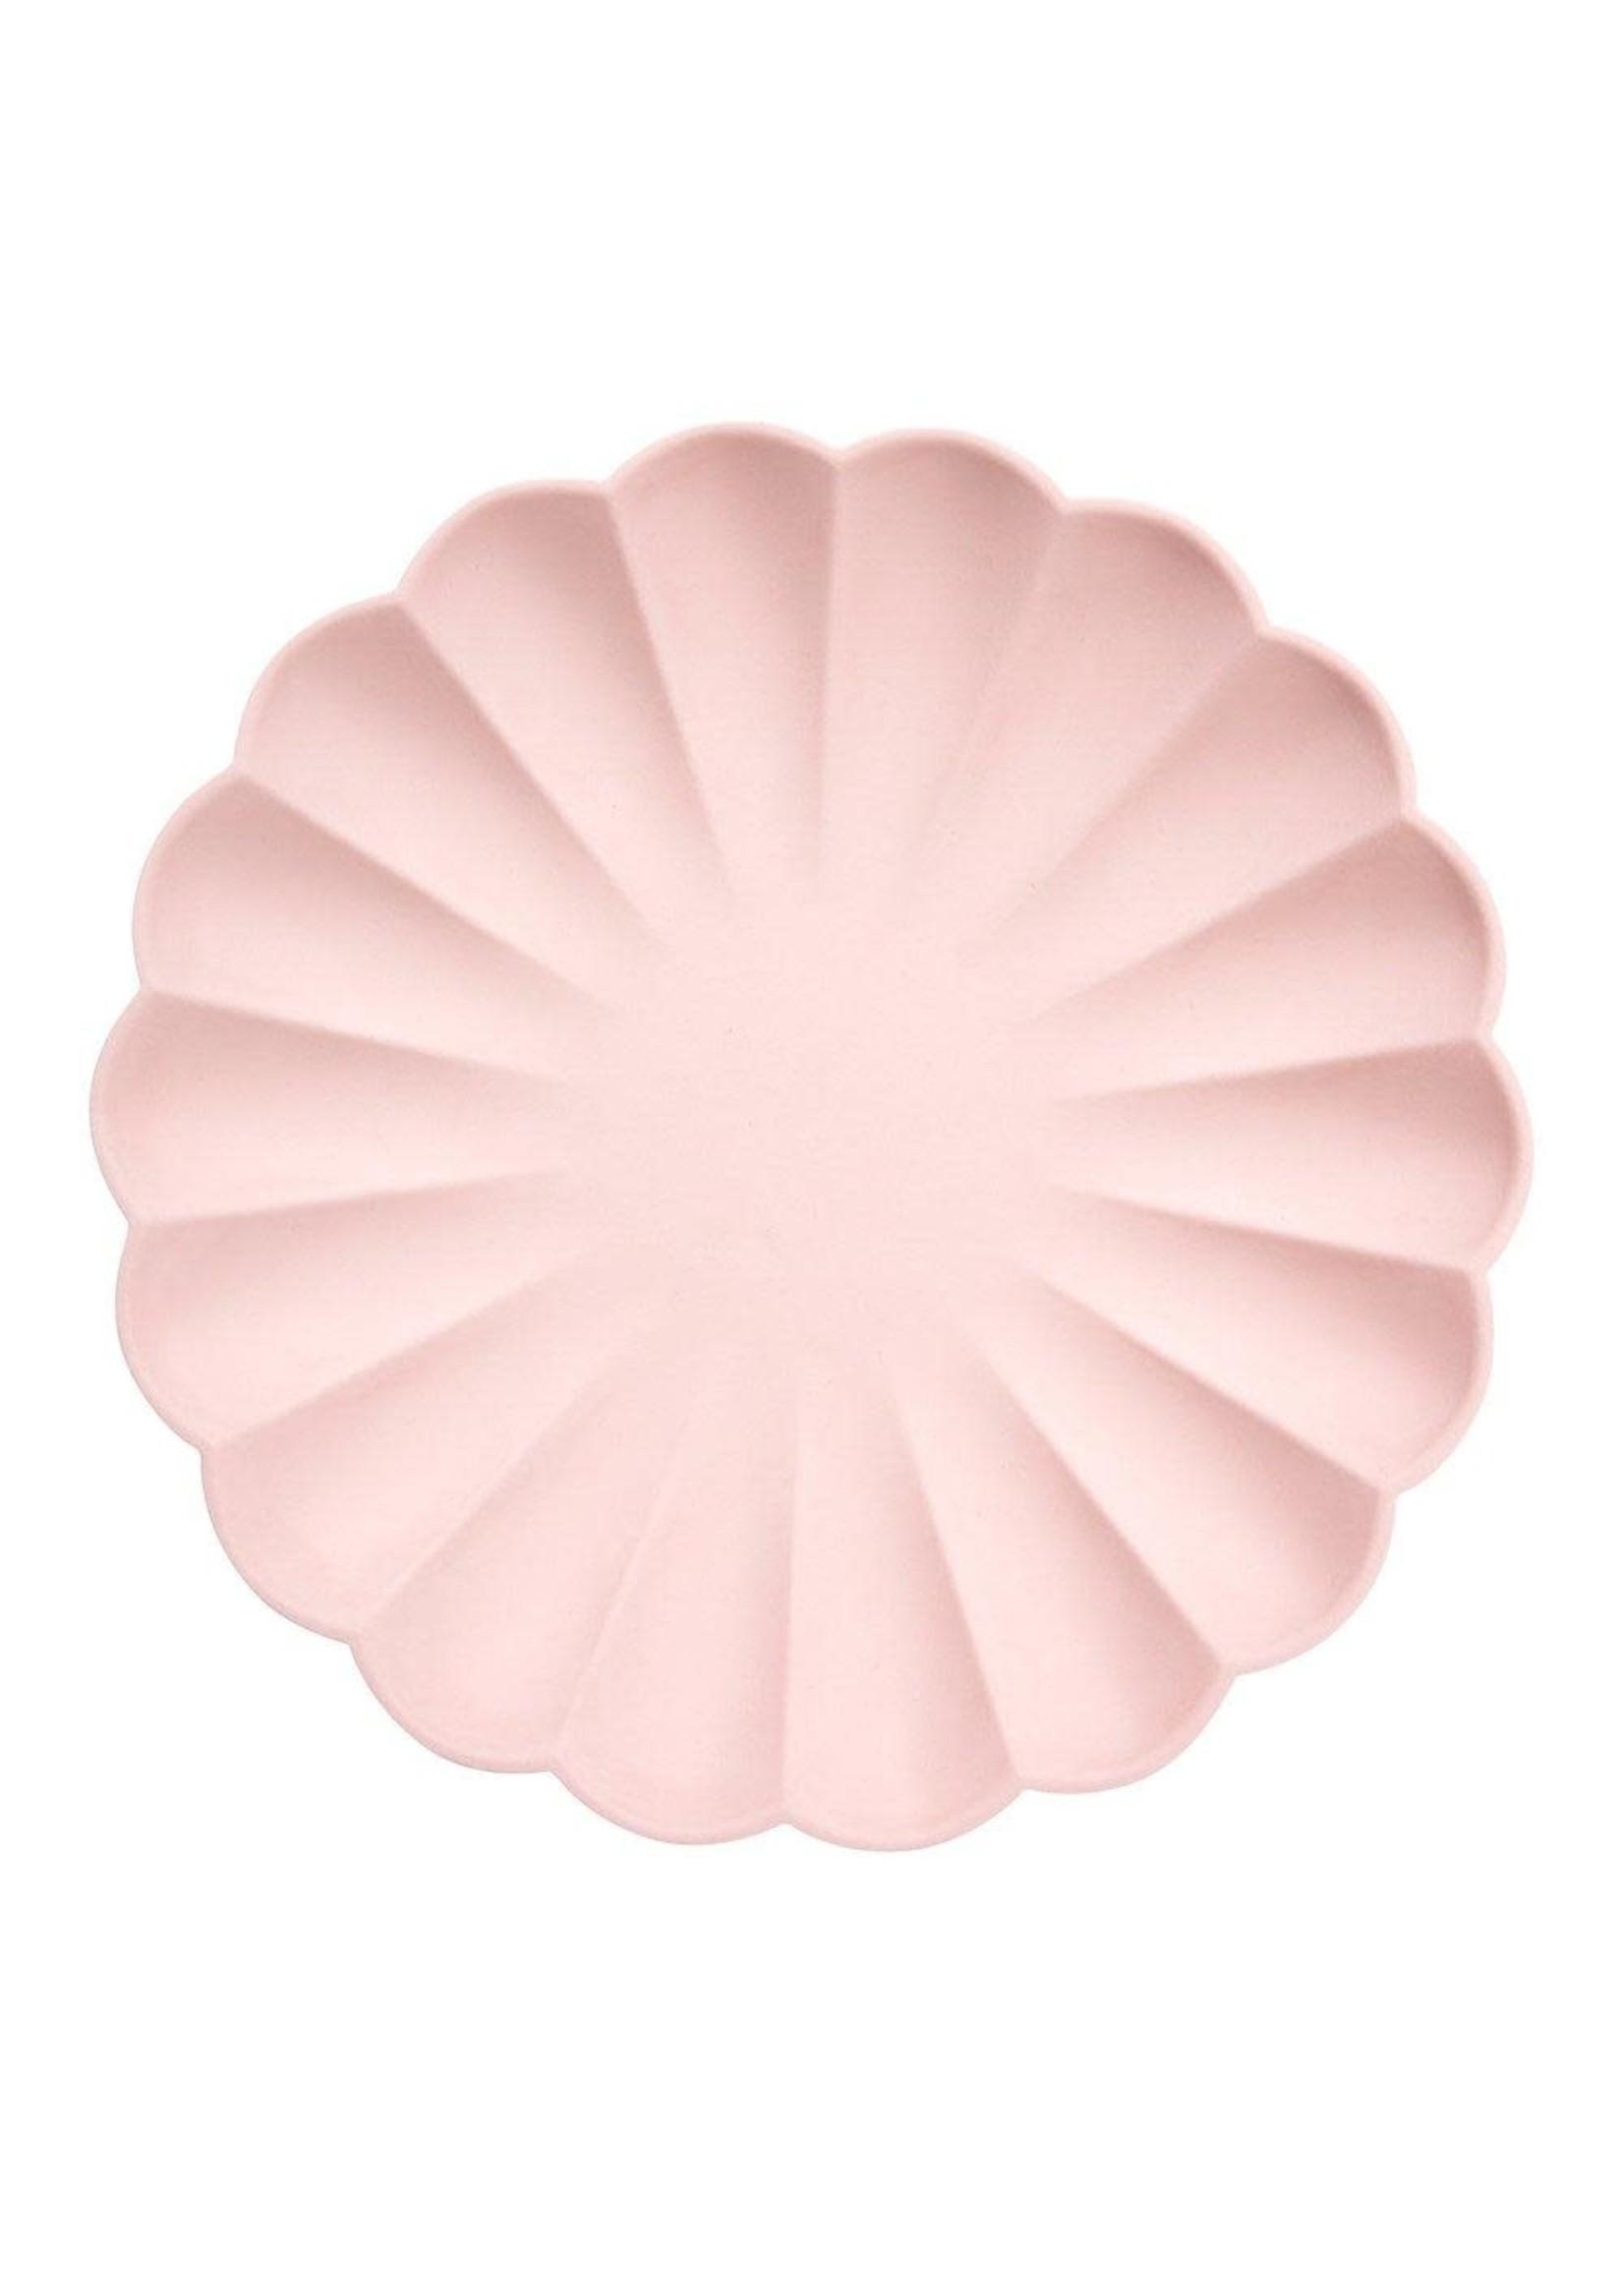 Meri Meri Paper Plates - Pale Pink Large